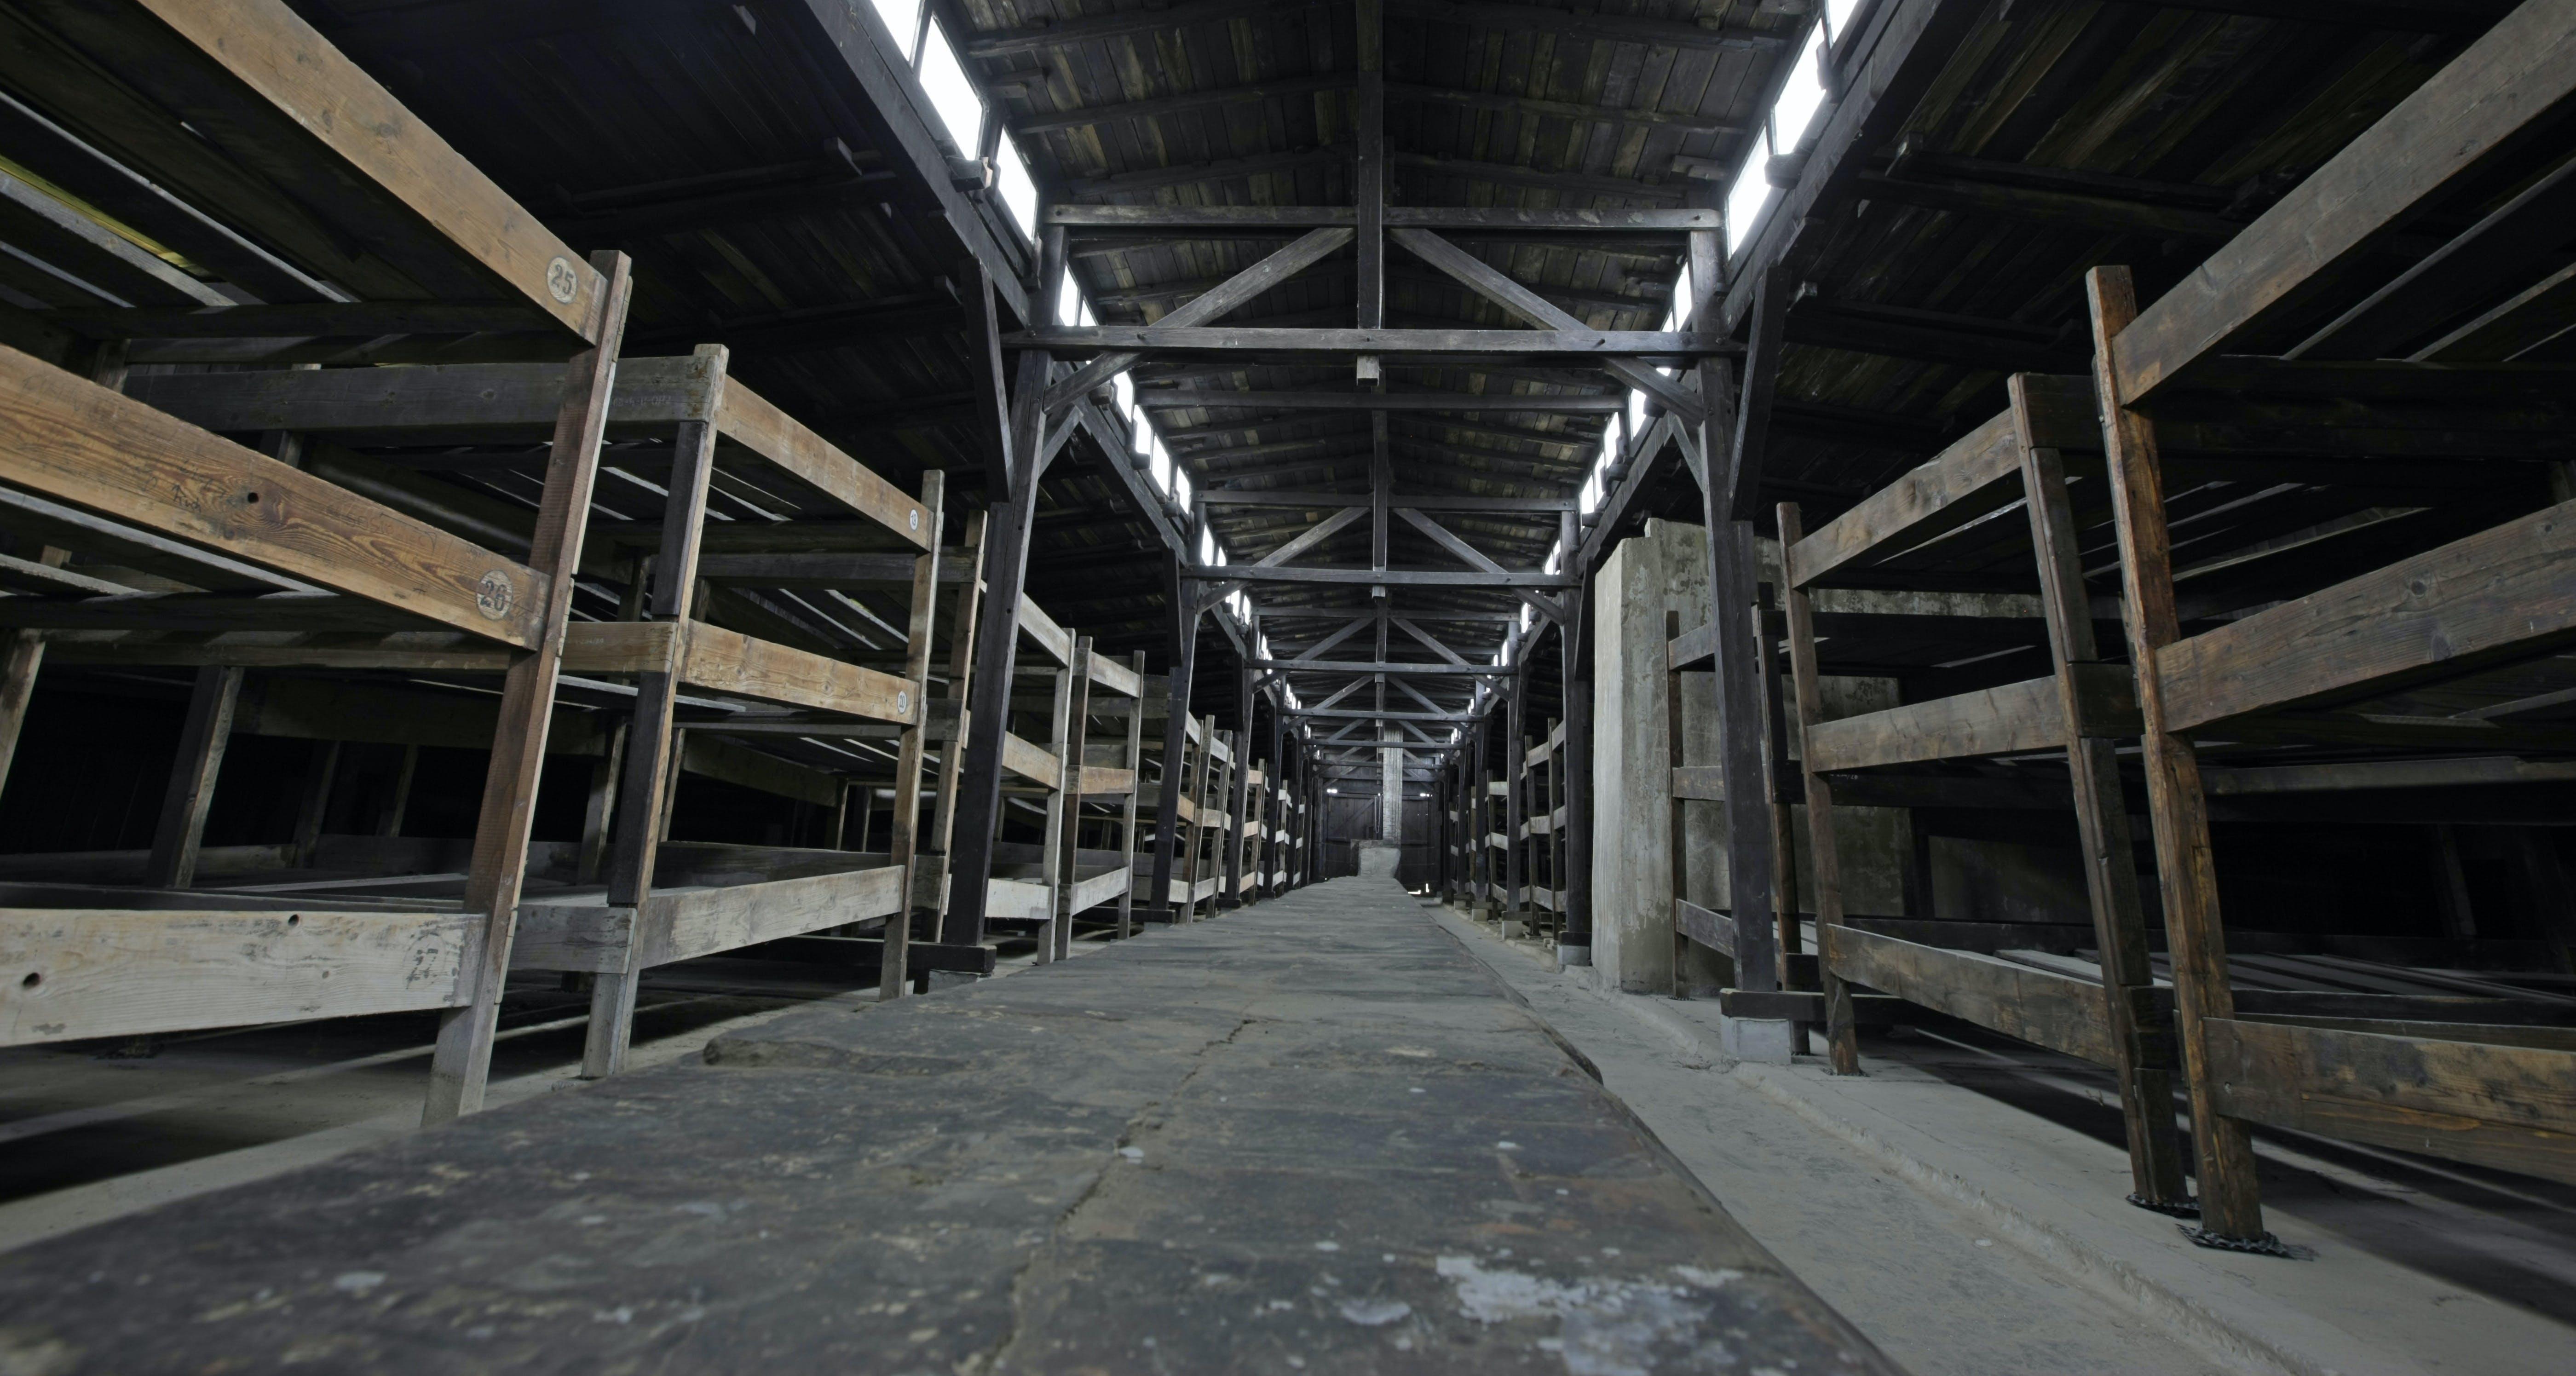 Salir de la ciudad,Excursiones de un día,Fábrica de Oskar Schindler,Campo de concentración de Auschwitz,Con Fábrica de Oskar Schindler